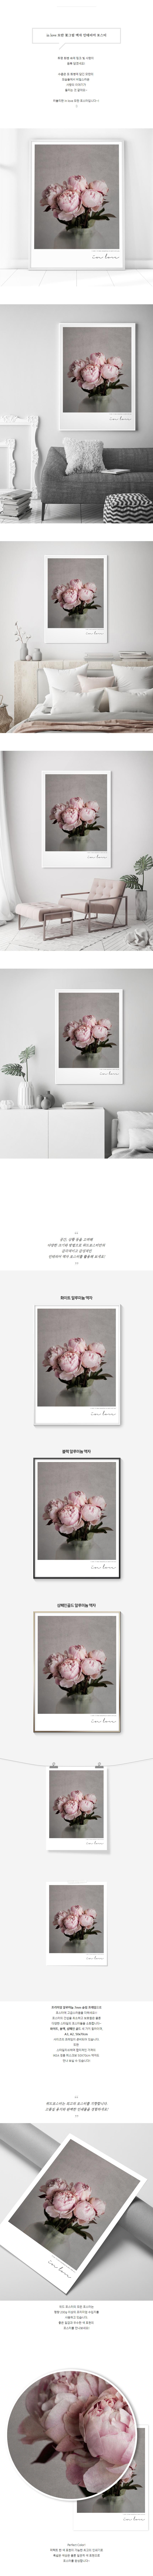 in love 모란 꽃 그림 인테리어 액자 50x70(500x700mm) 포스터 + 이케아액자37,800원-위드포스터인테리어, 액자/홈갤러리, 홈갤러리, 보테니컬아트바보사랑in love 모란 꽃 그림 인테리어 액자 50x70(500x700mm) 포스터 + 이케아액자37,800원-위드포스터인테리어, 액자/홈갤러리, 홈갤러리, 보테니컬아트바보사랑